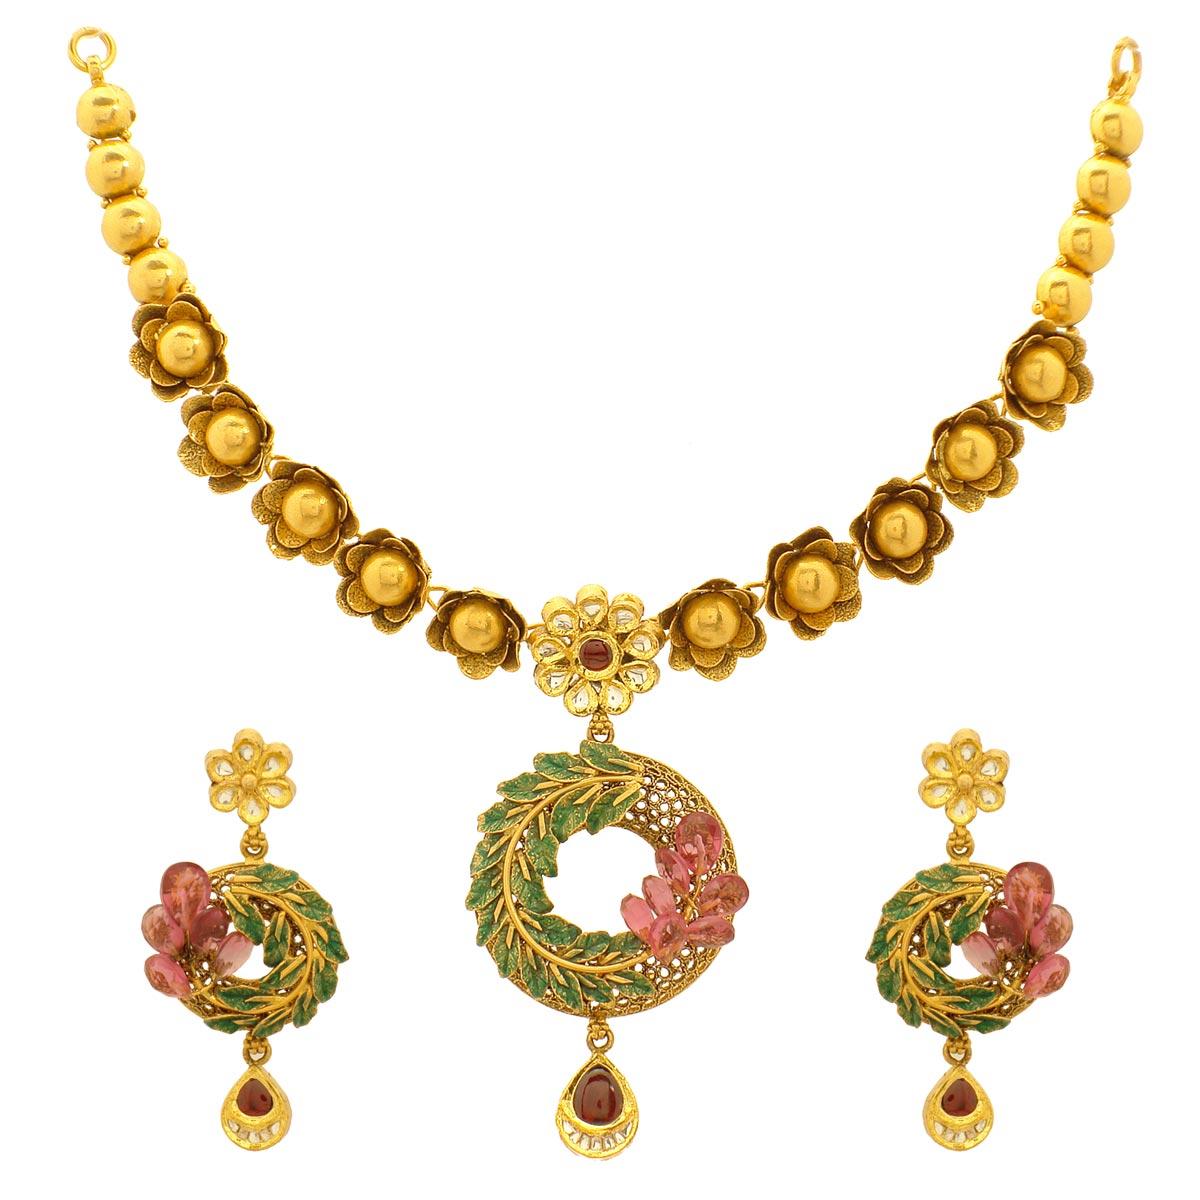 Images of jewellery kenetiks com - Gallery Gallery Gallery Gallery